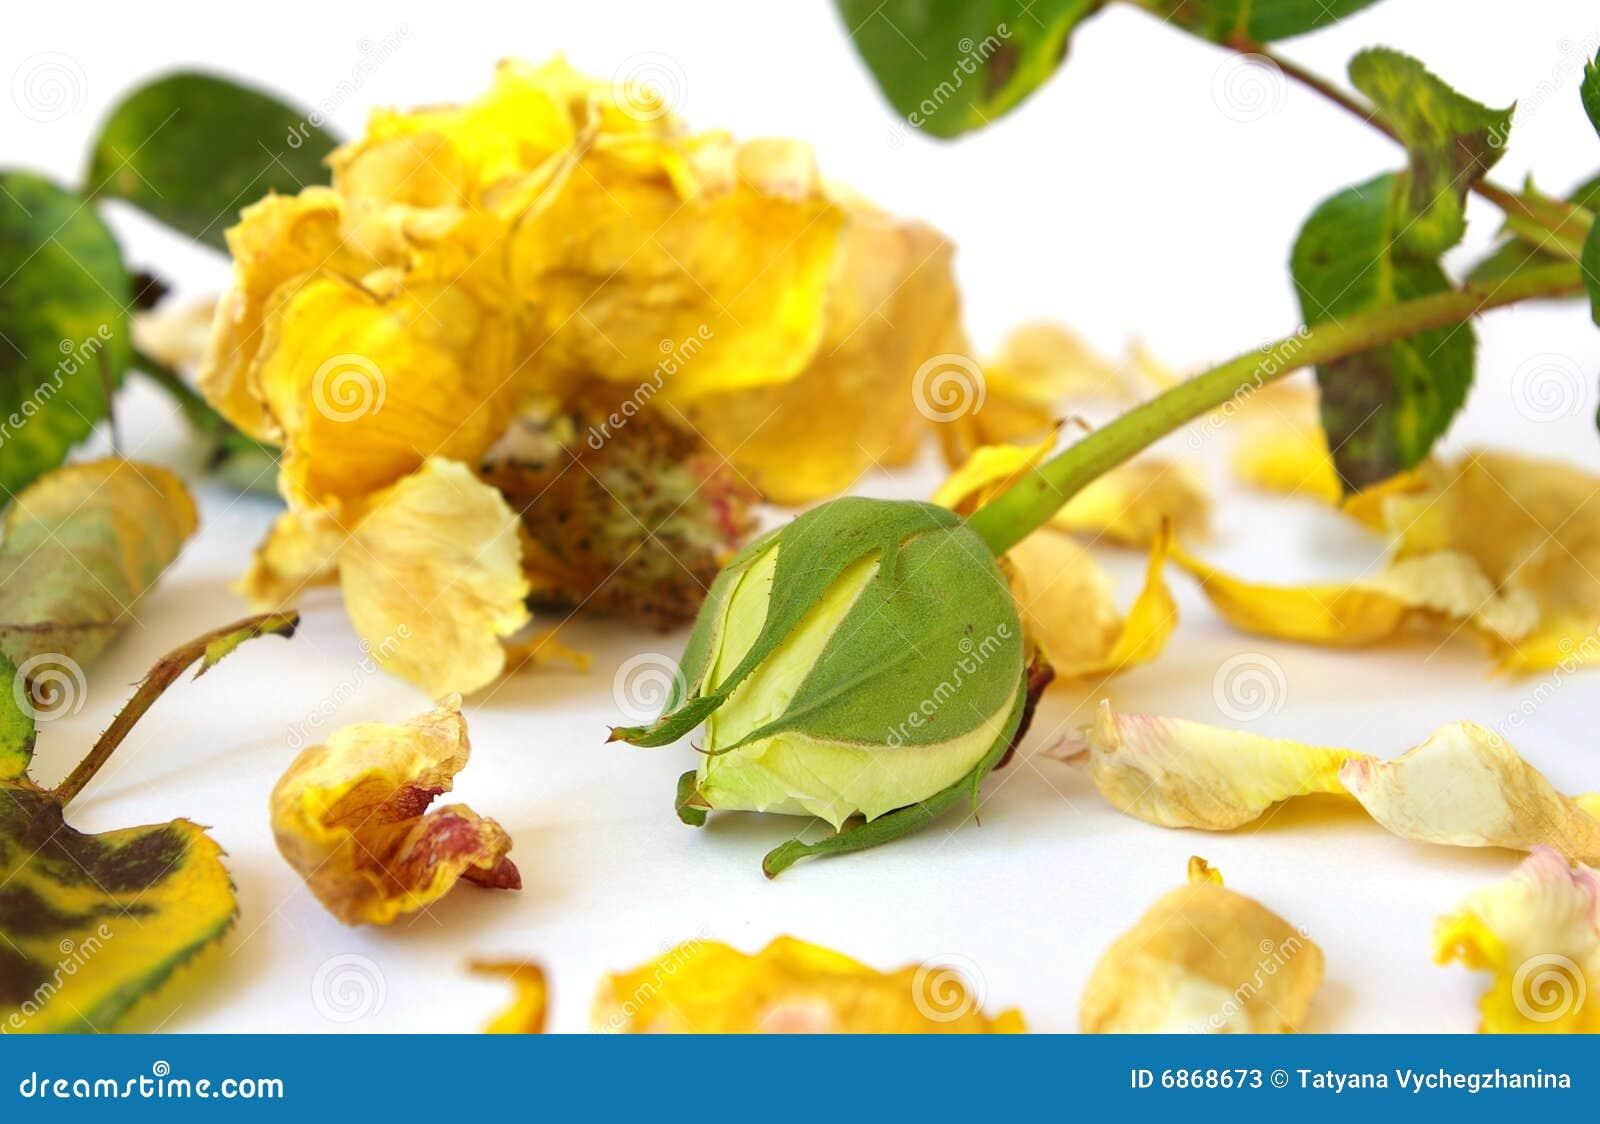 Rosa guasto e germoglio giallo